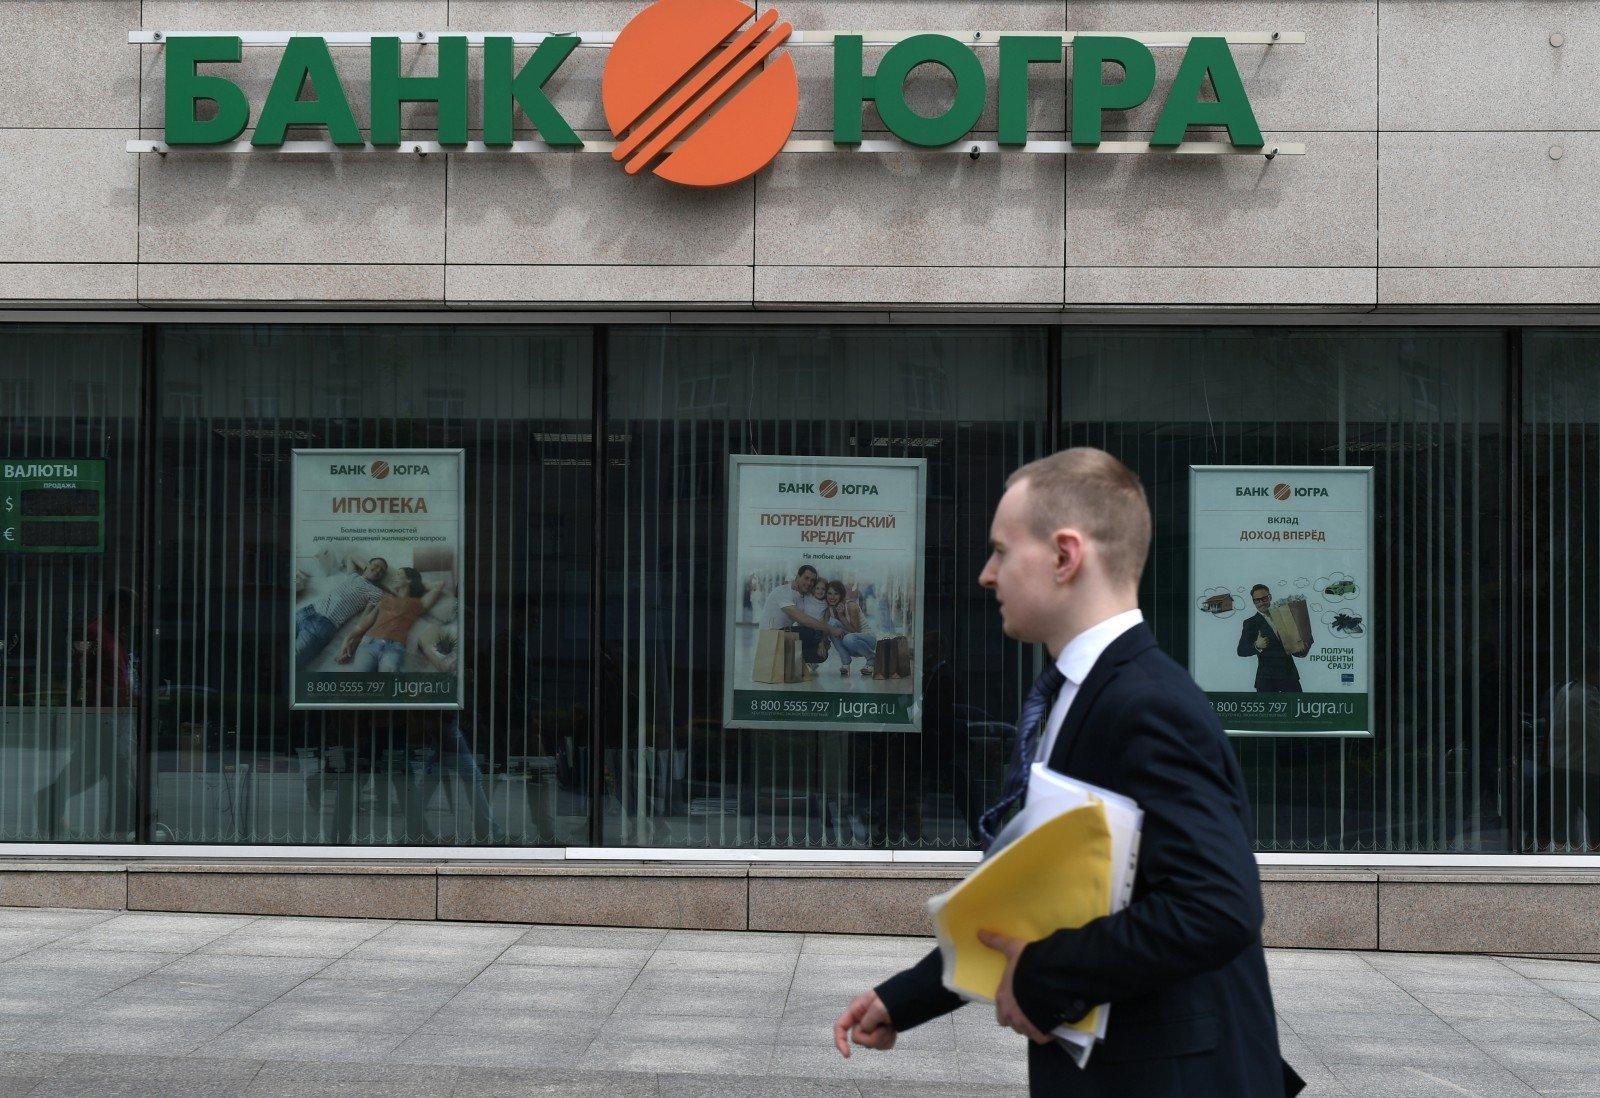 Банк Югра недостоверная отчетность и манипуляции со вкладами 704